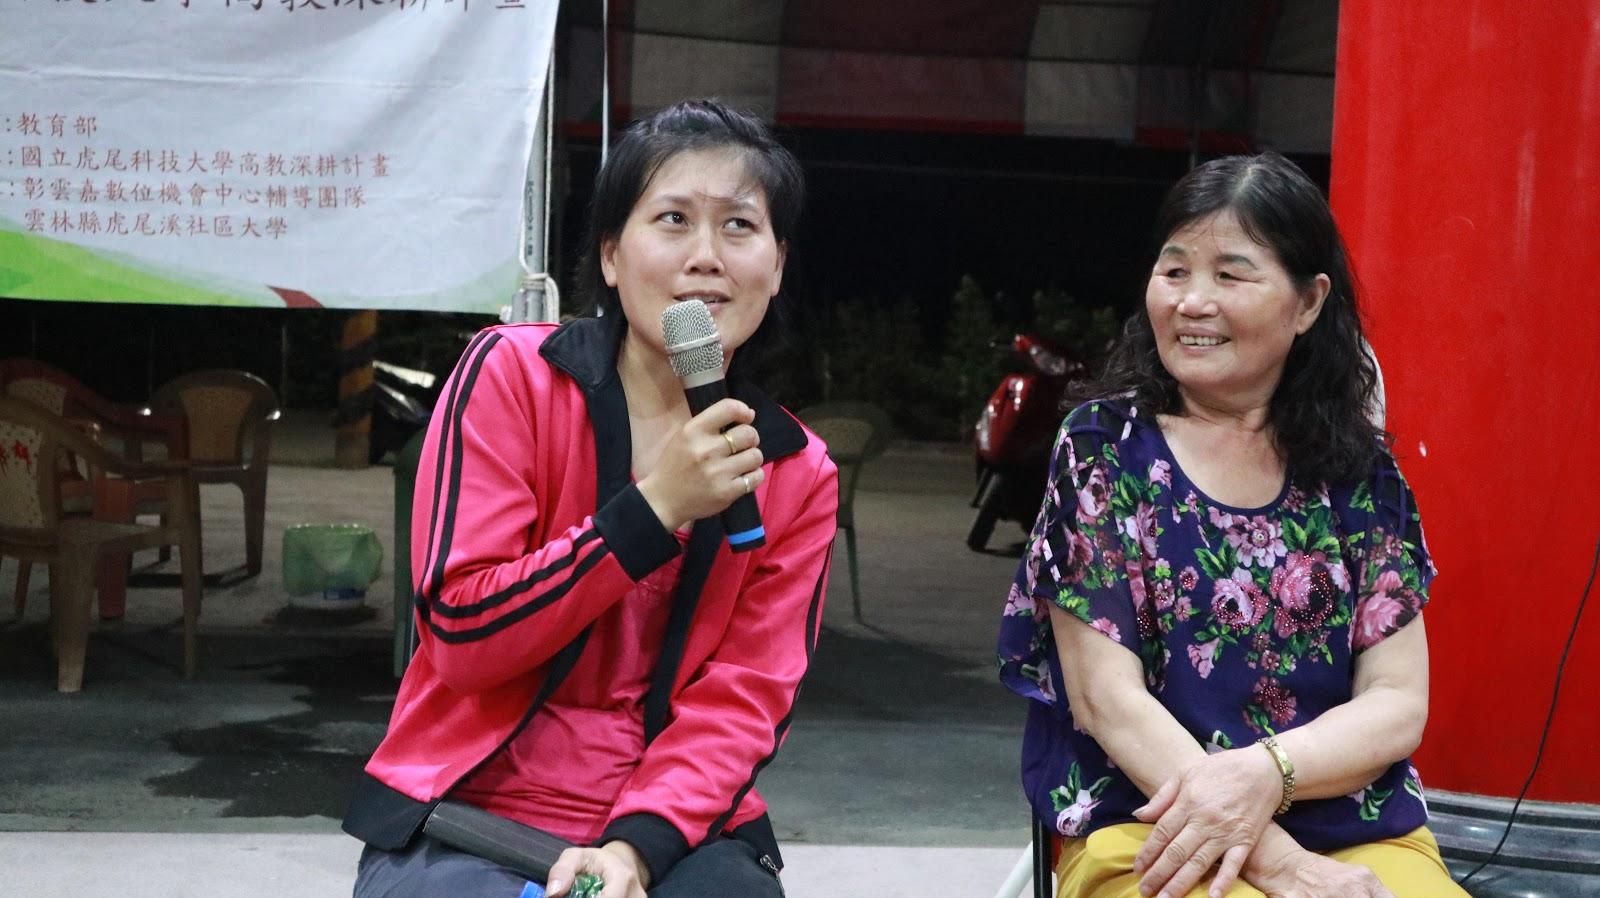 【參與心得】劉嘉峻:民主討論拉近社區人與人之間的距離!